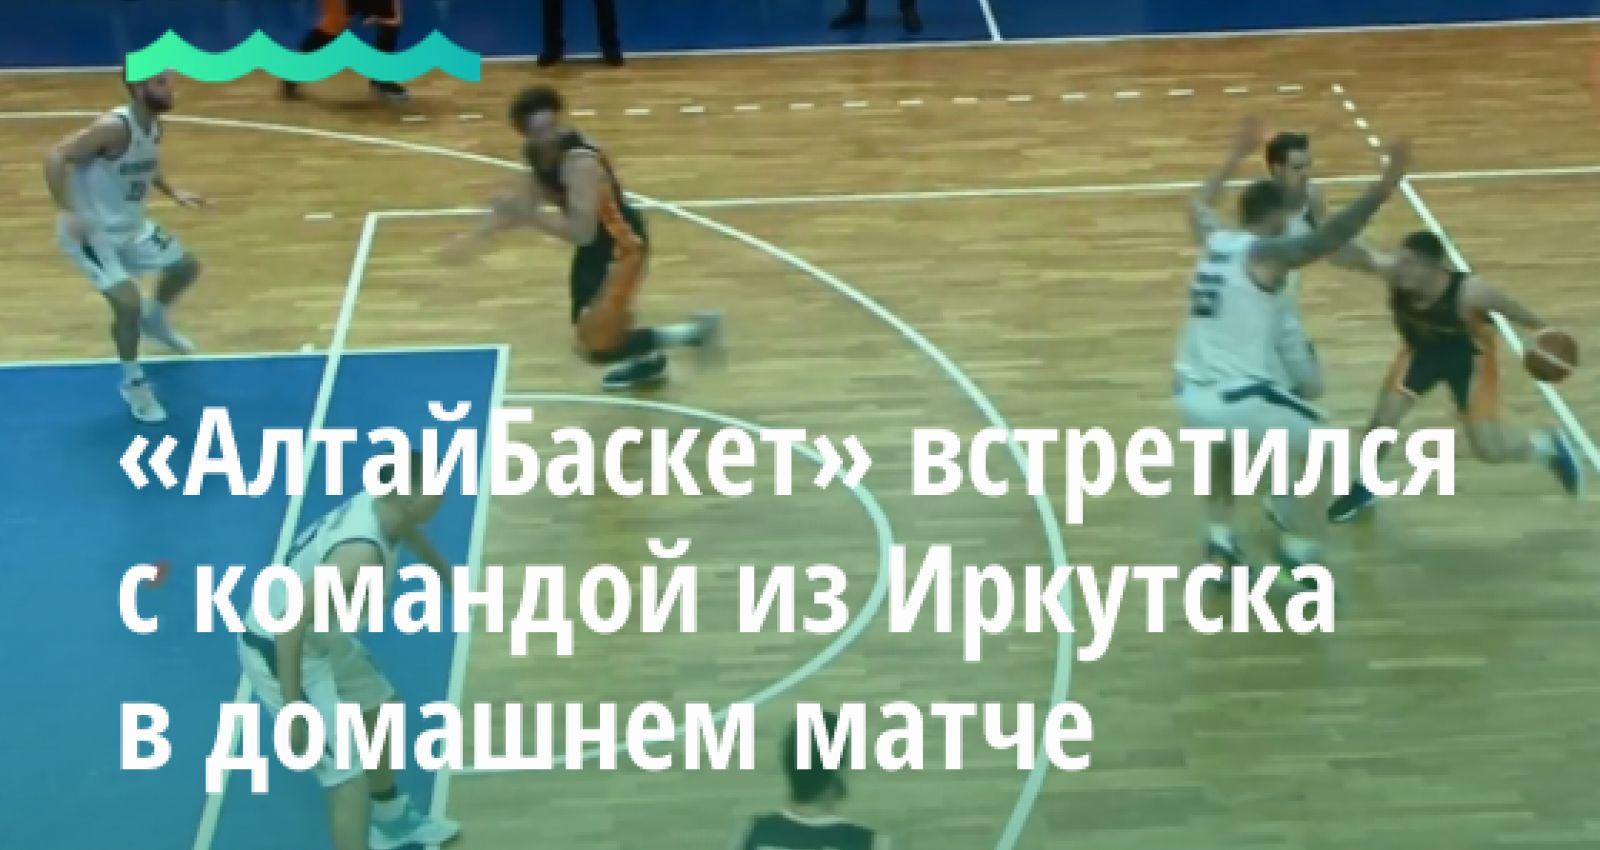 «АлтайБаскет» встретился с командой из Иркутска в домашнем матче